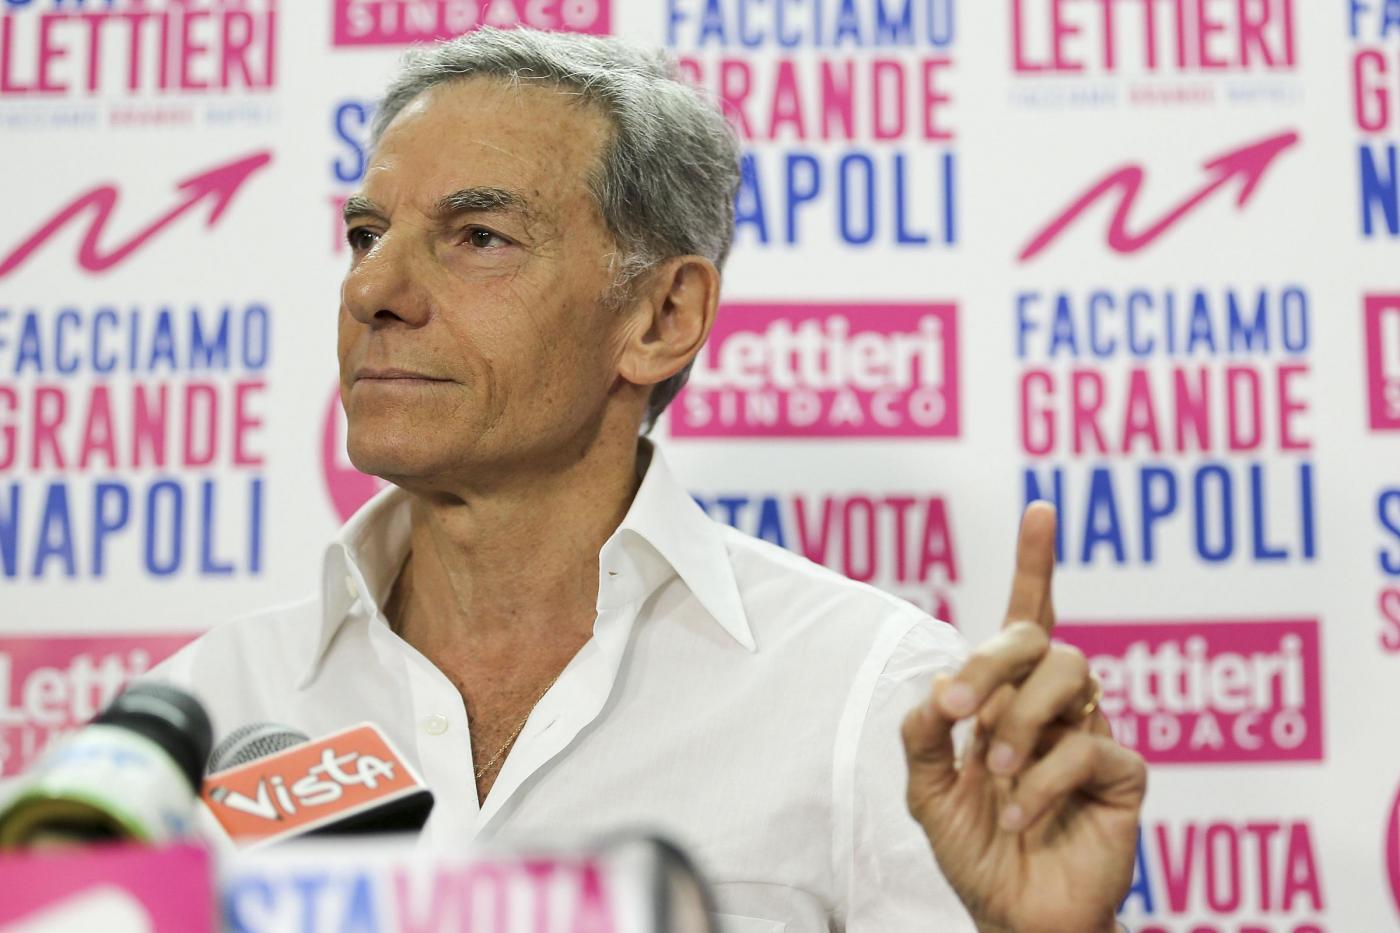 Elezioni amministrative Napoli, conferenza stampa Gianni Lettieri